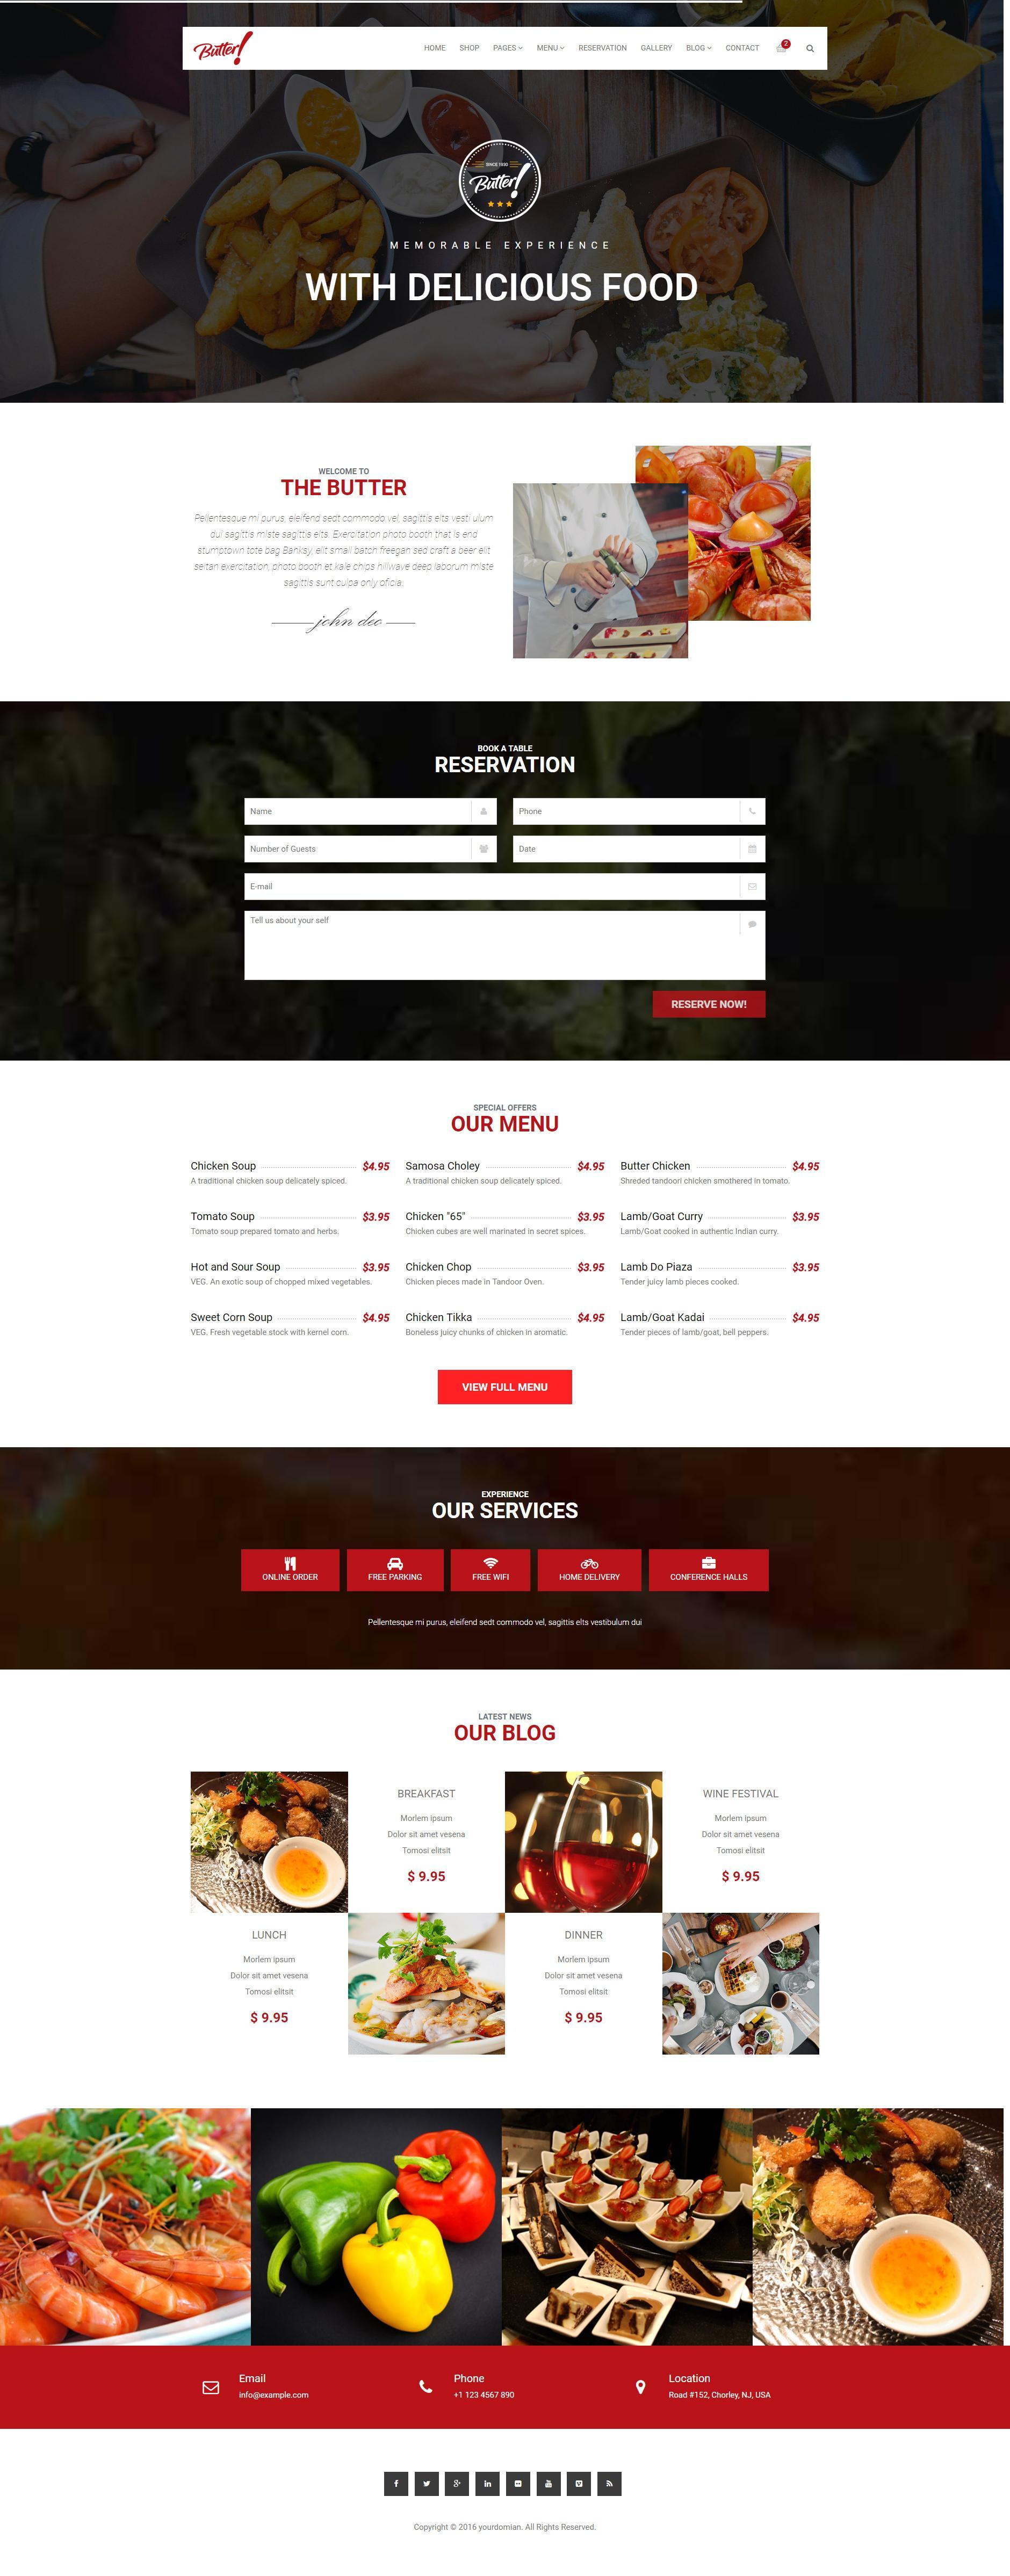 红色宽屏的餐饮美食行业网站html模板